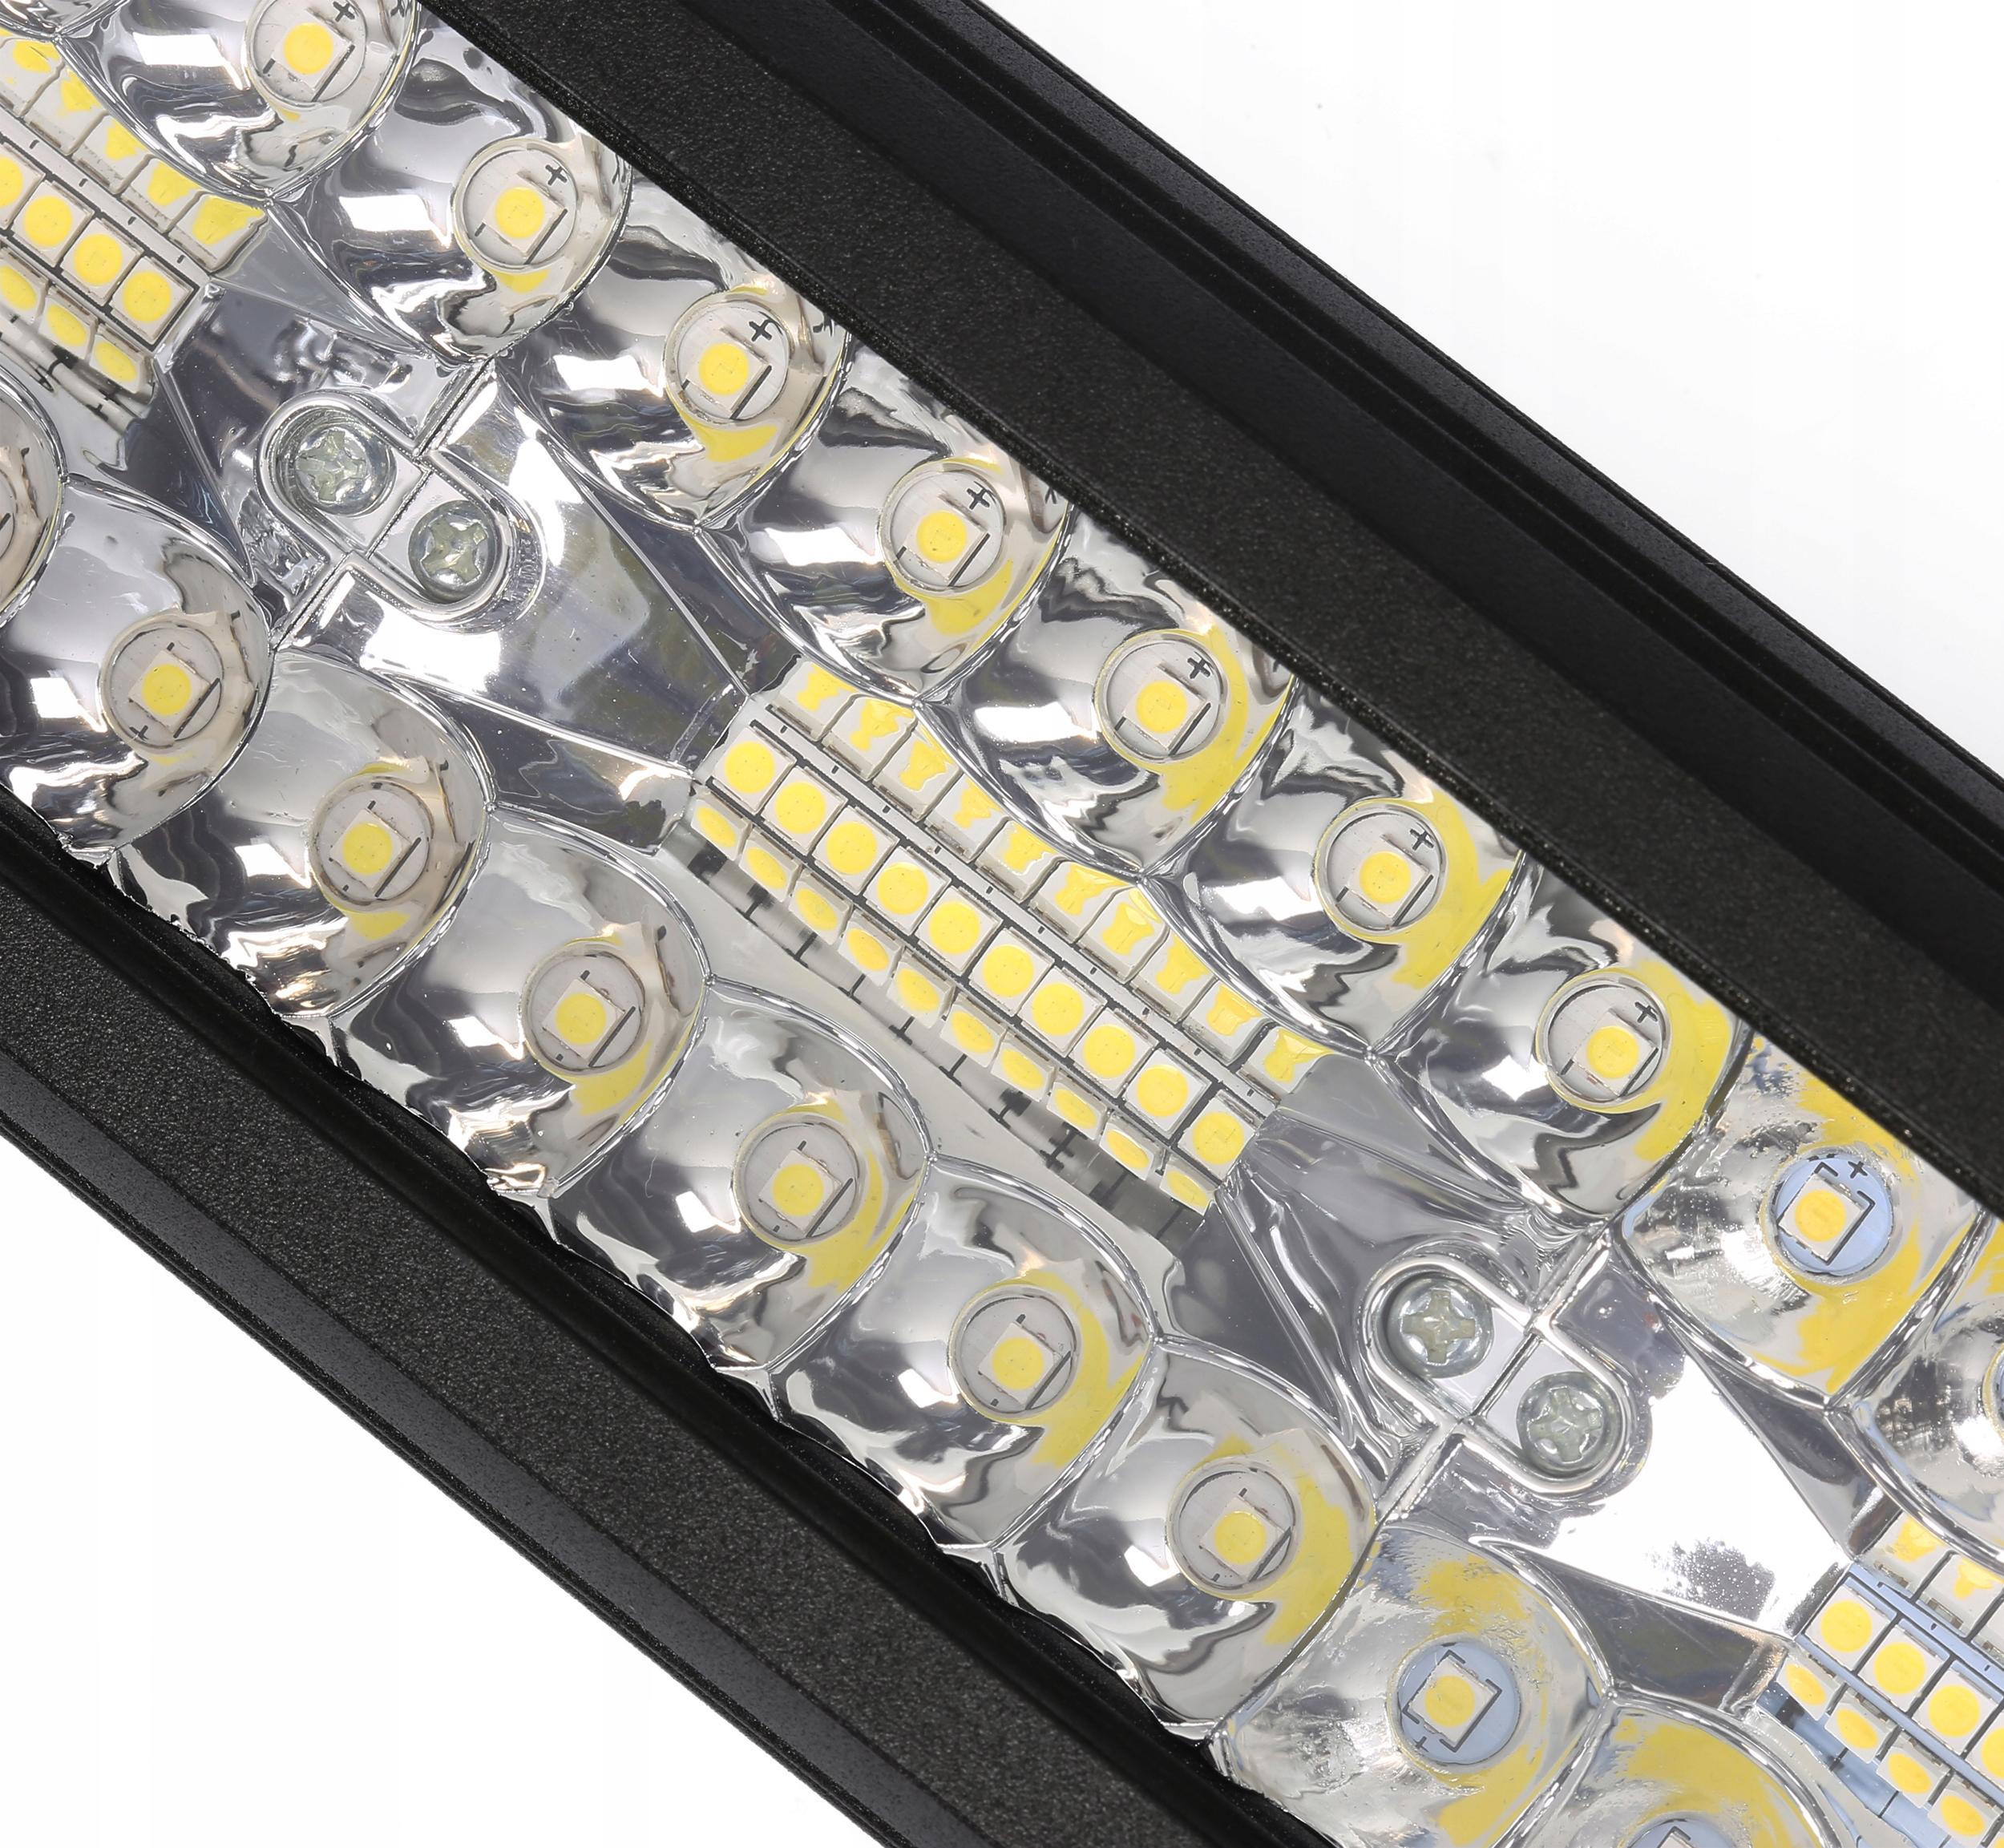 LED 360W HALOGEN SZPERACZ LAMPA ROBOCZA 12V 24V